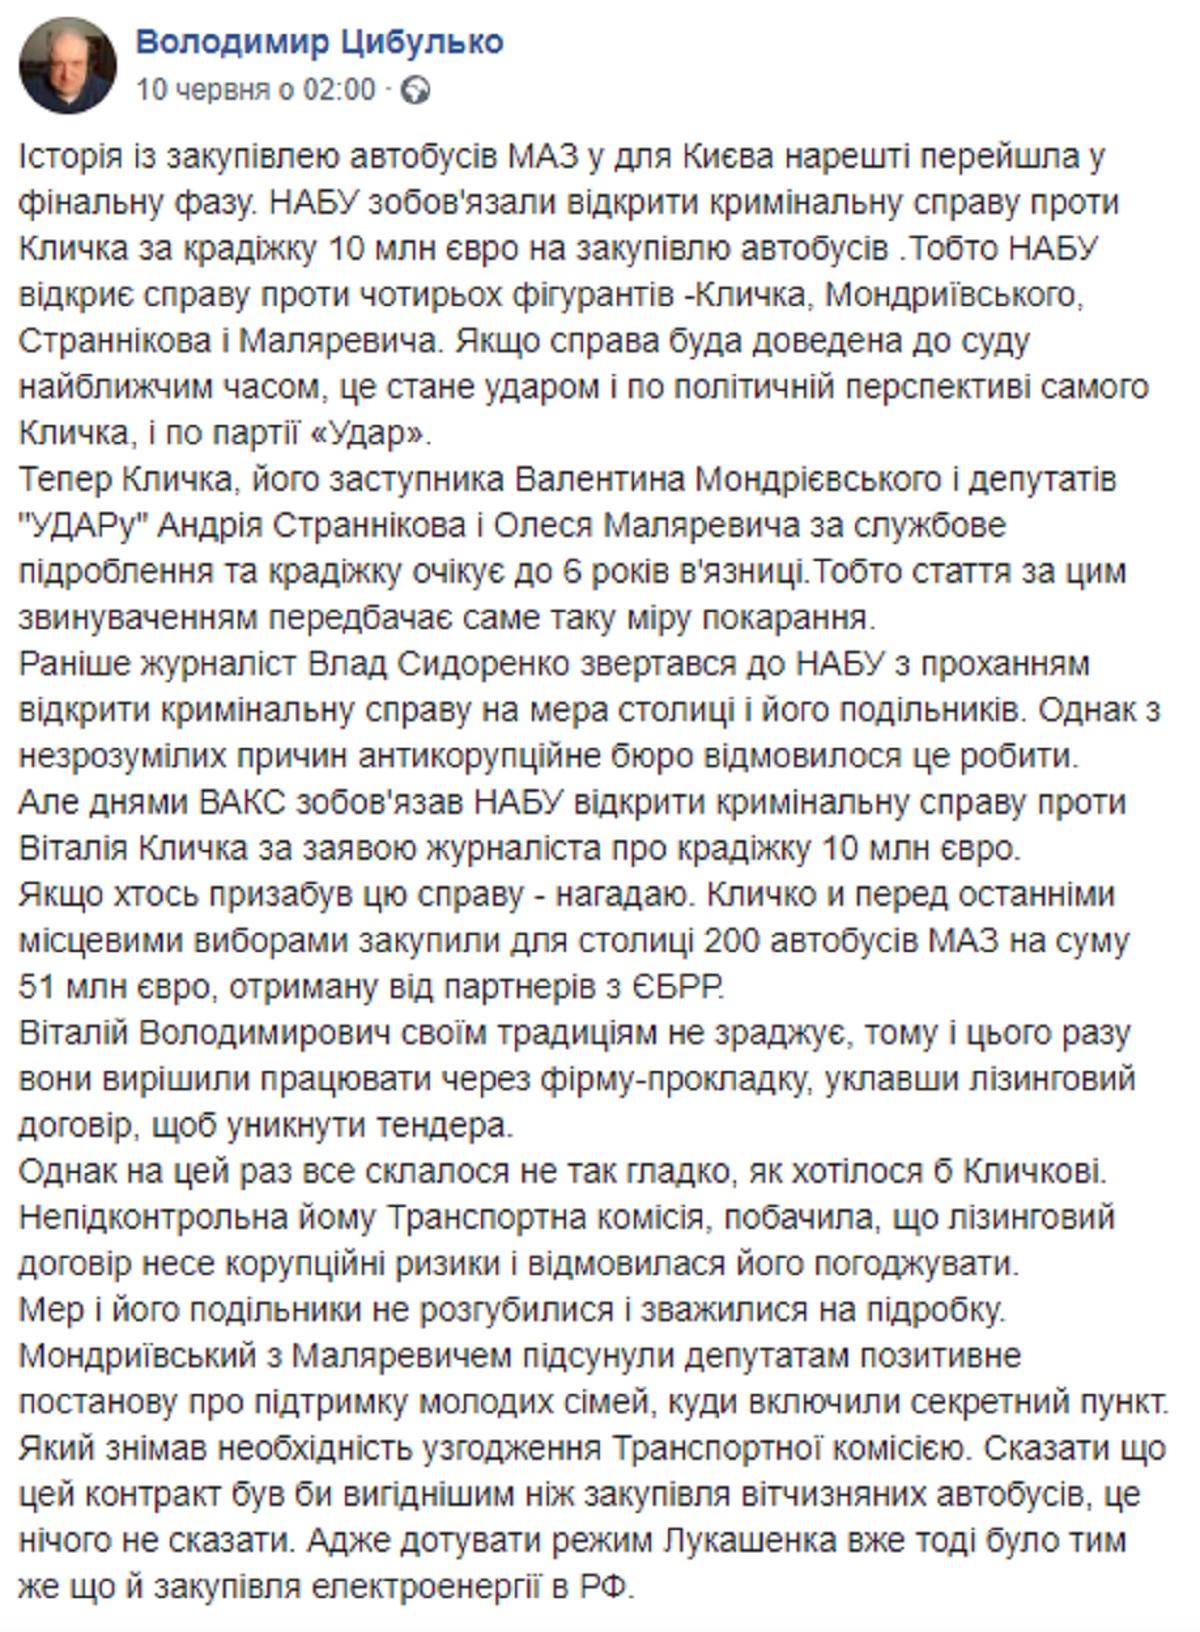 В НАБУ открыли дело против сотрудников КГГА. При чем тут Кличко? — фото 2